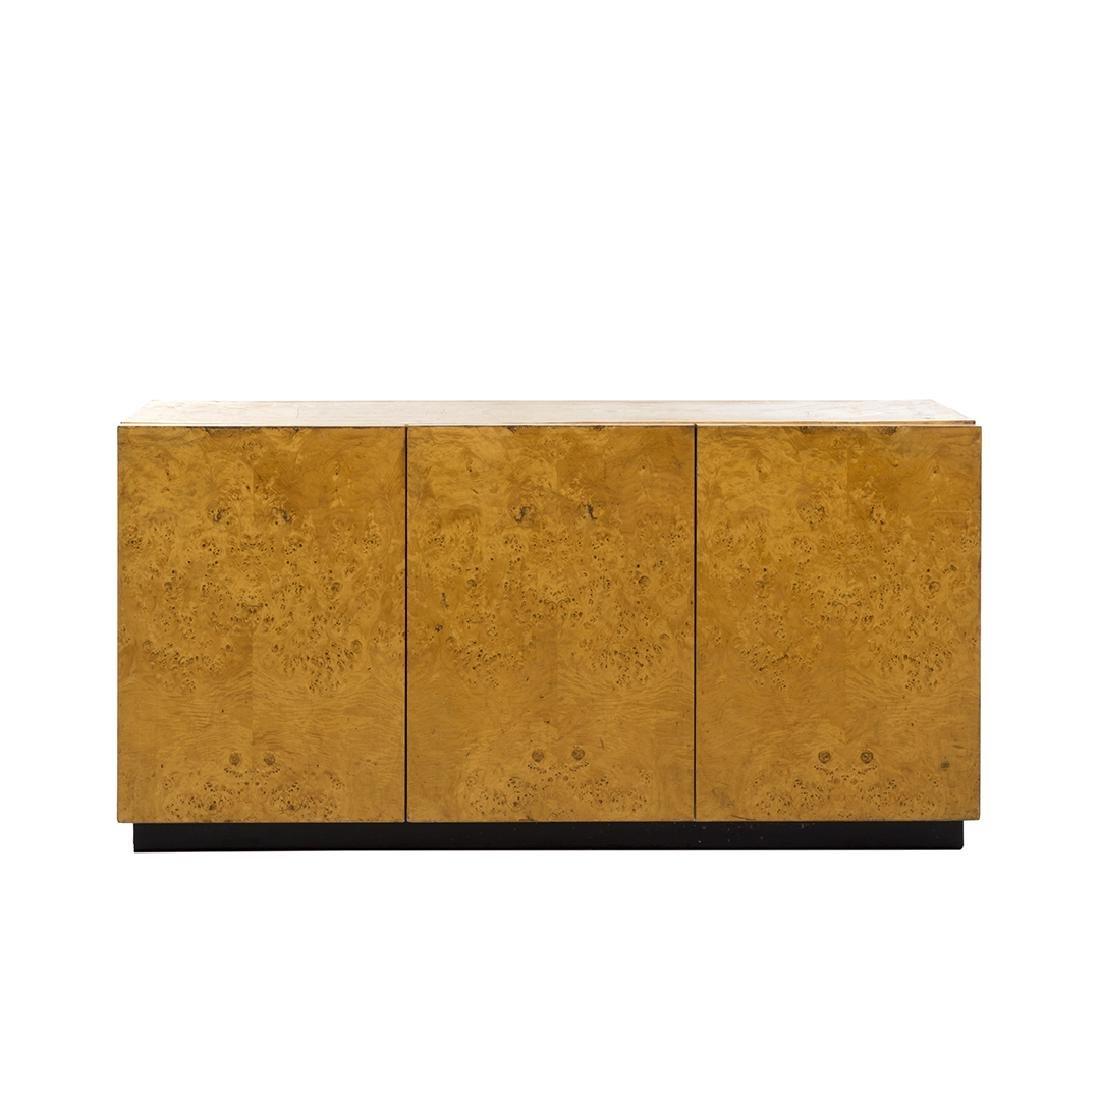 Milo Baughman Style Cabinet